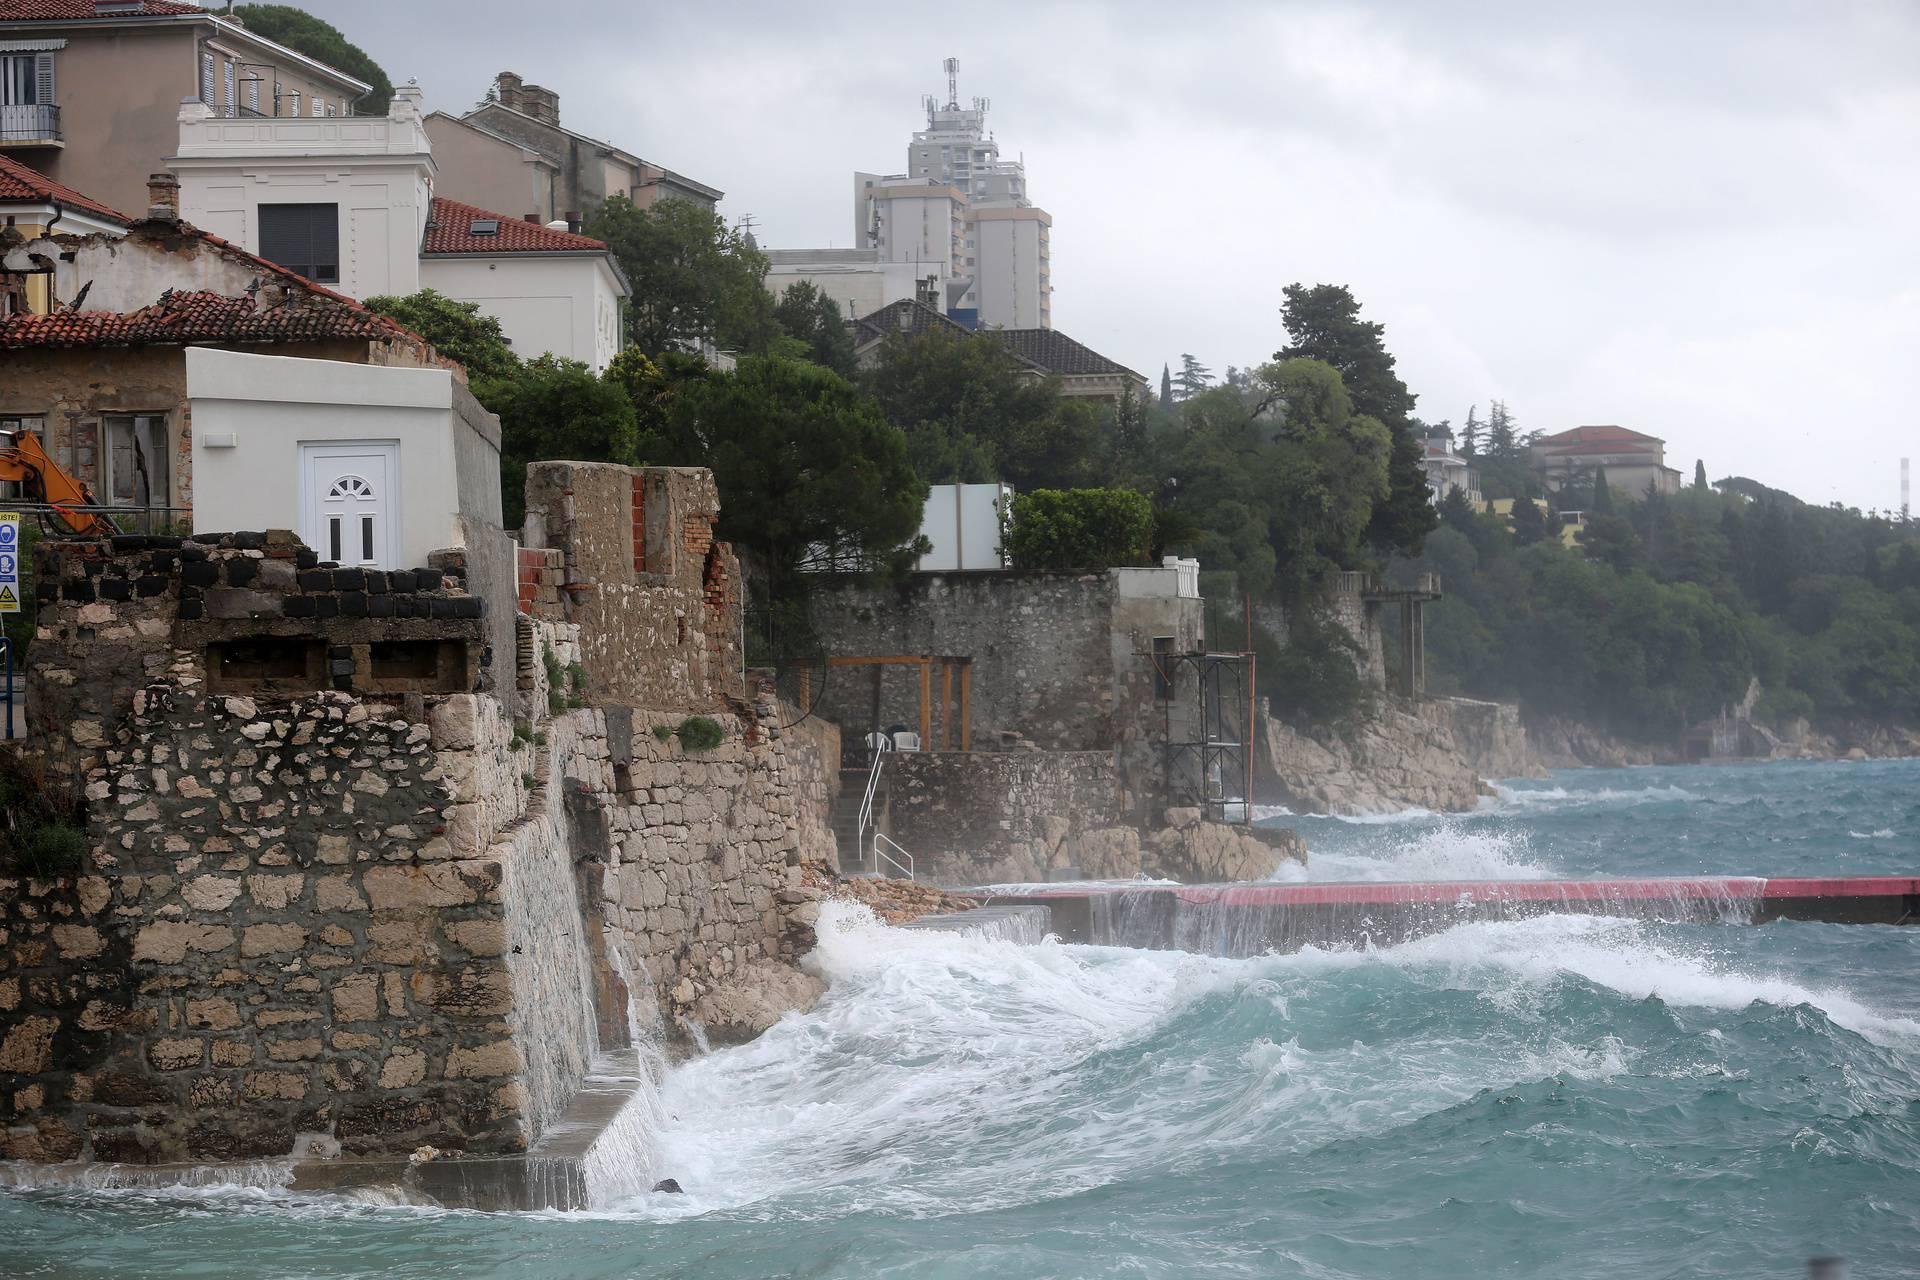 Muškarac se utopio na riječkoj plaži Pećine: 'Pijani prijatelji nasilno su ga gurnuli u more'